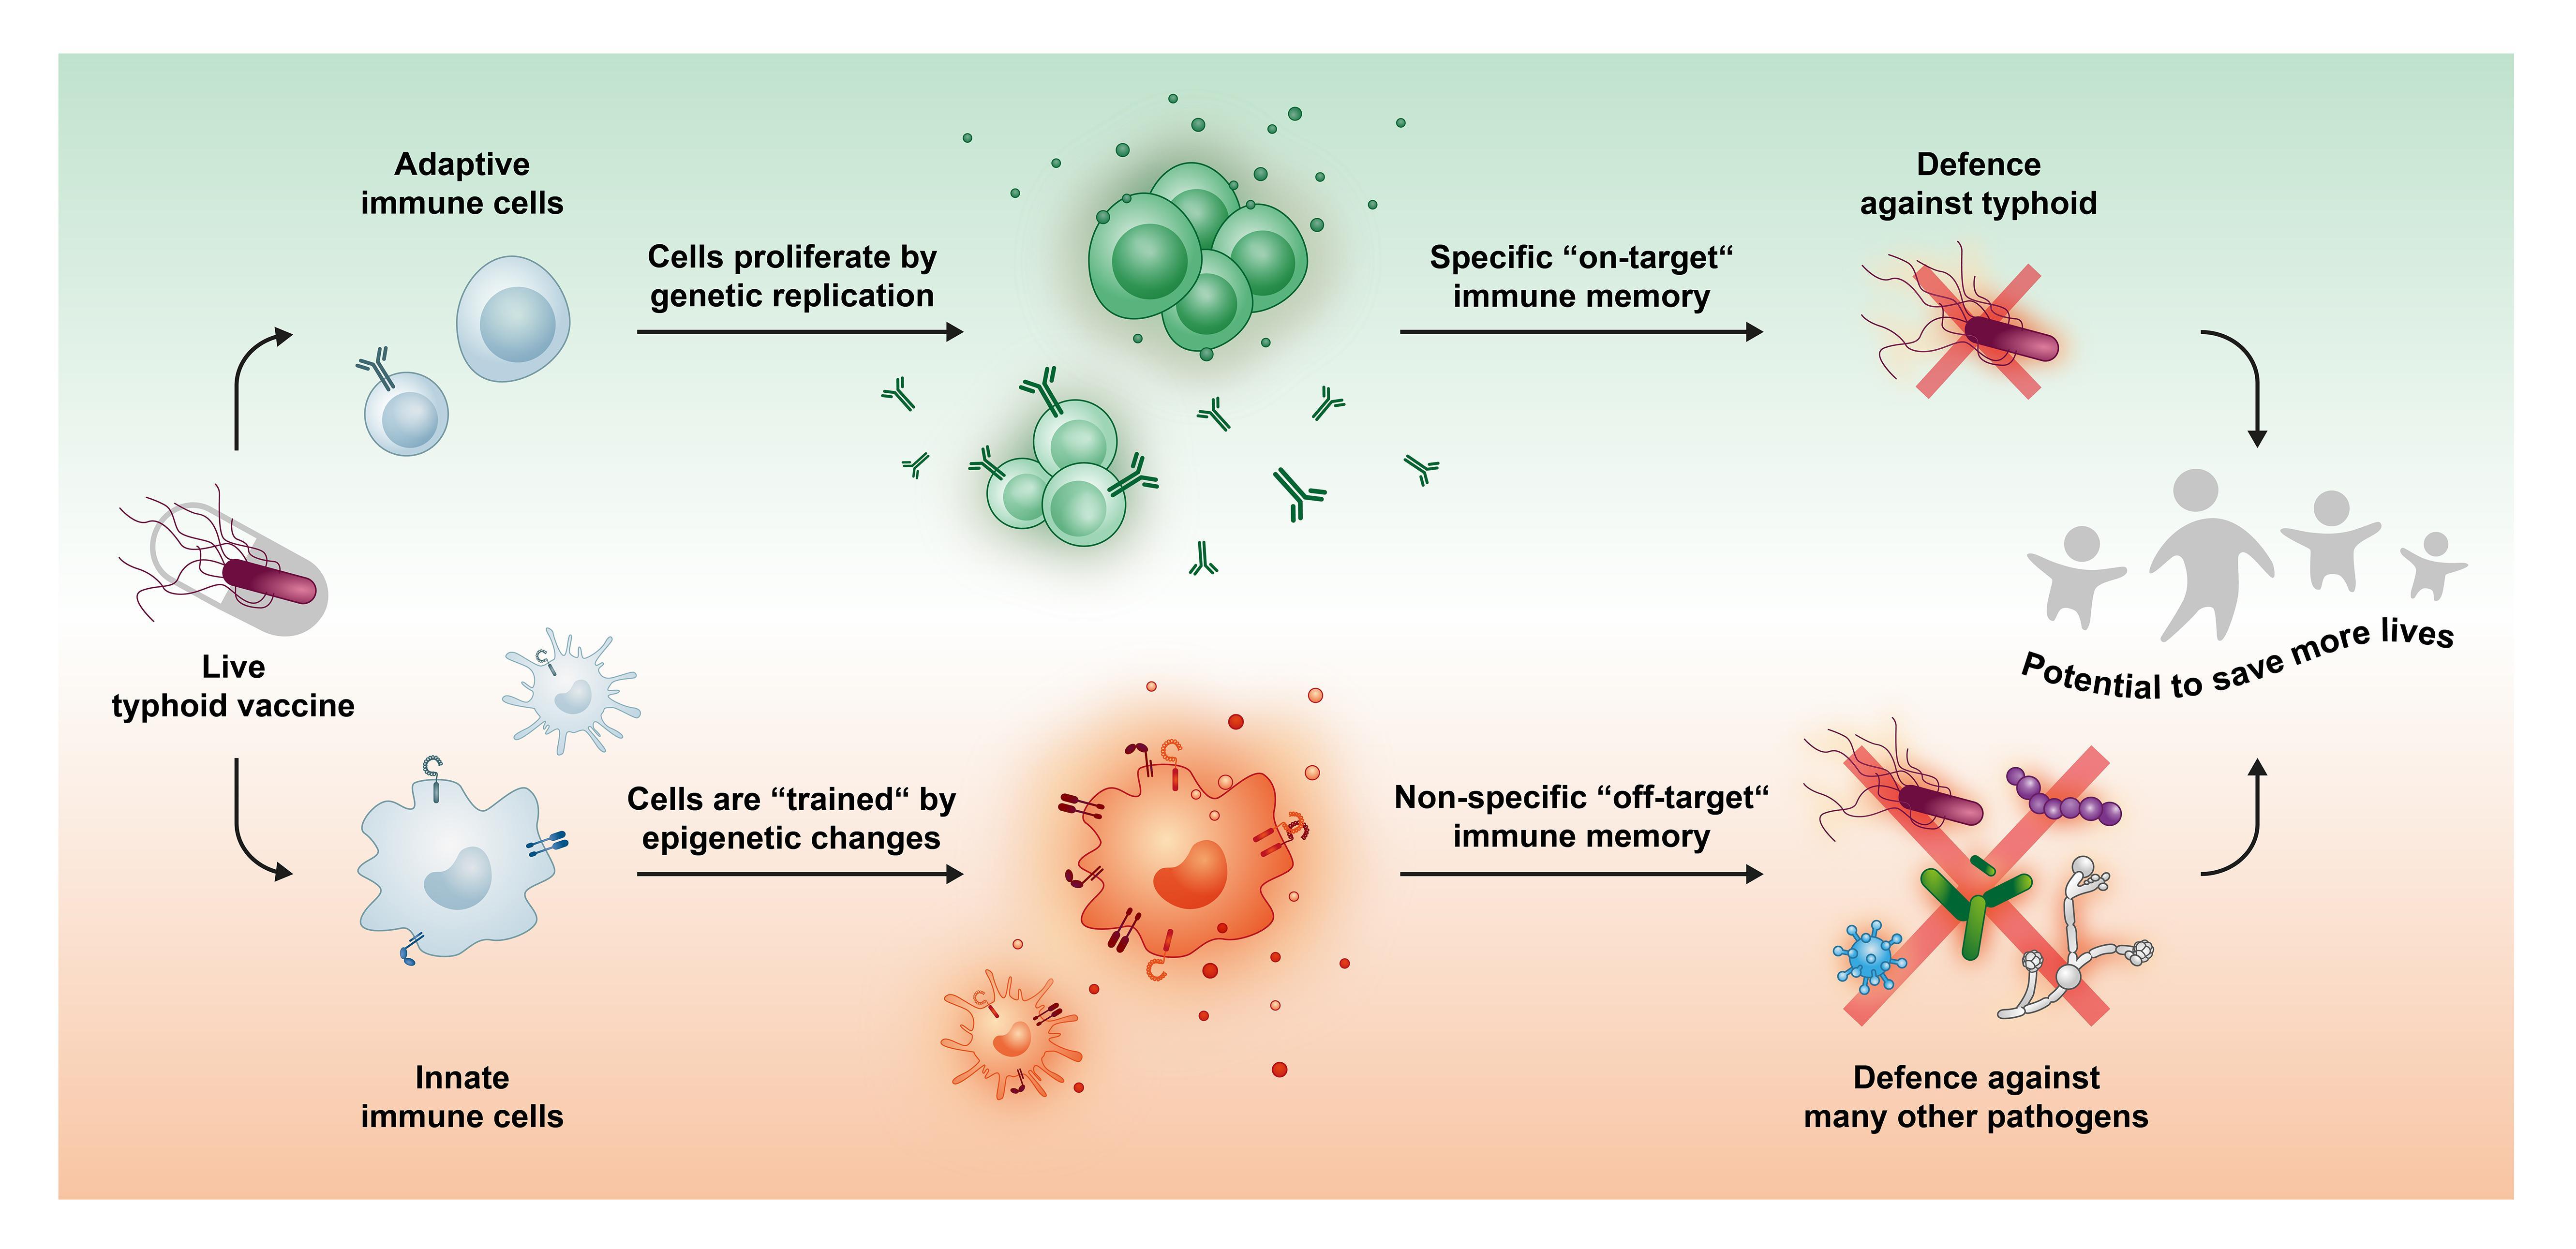 Вакцина против возбудителя брюшного тифа помогла иммунным клеткам атаковать другие патогены